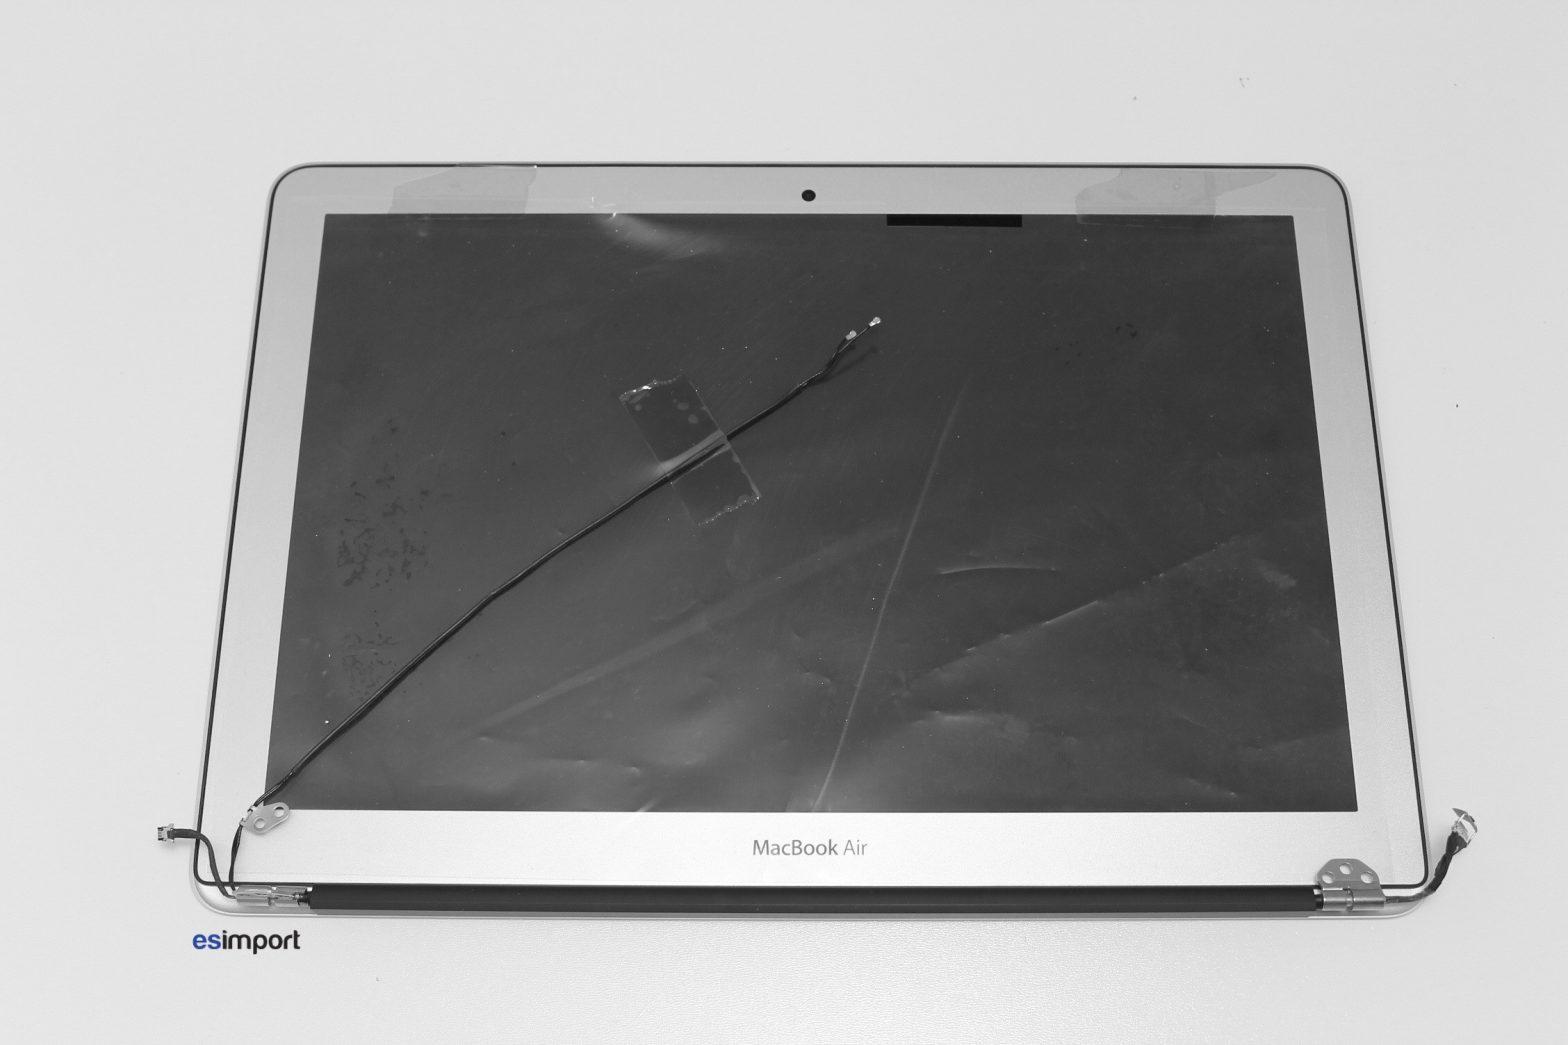 ecran macbook air a1466